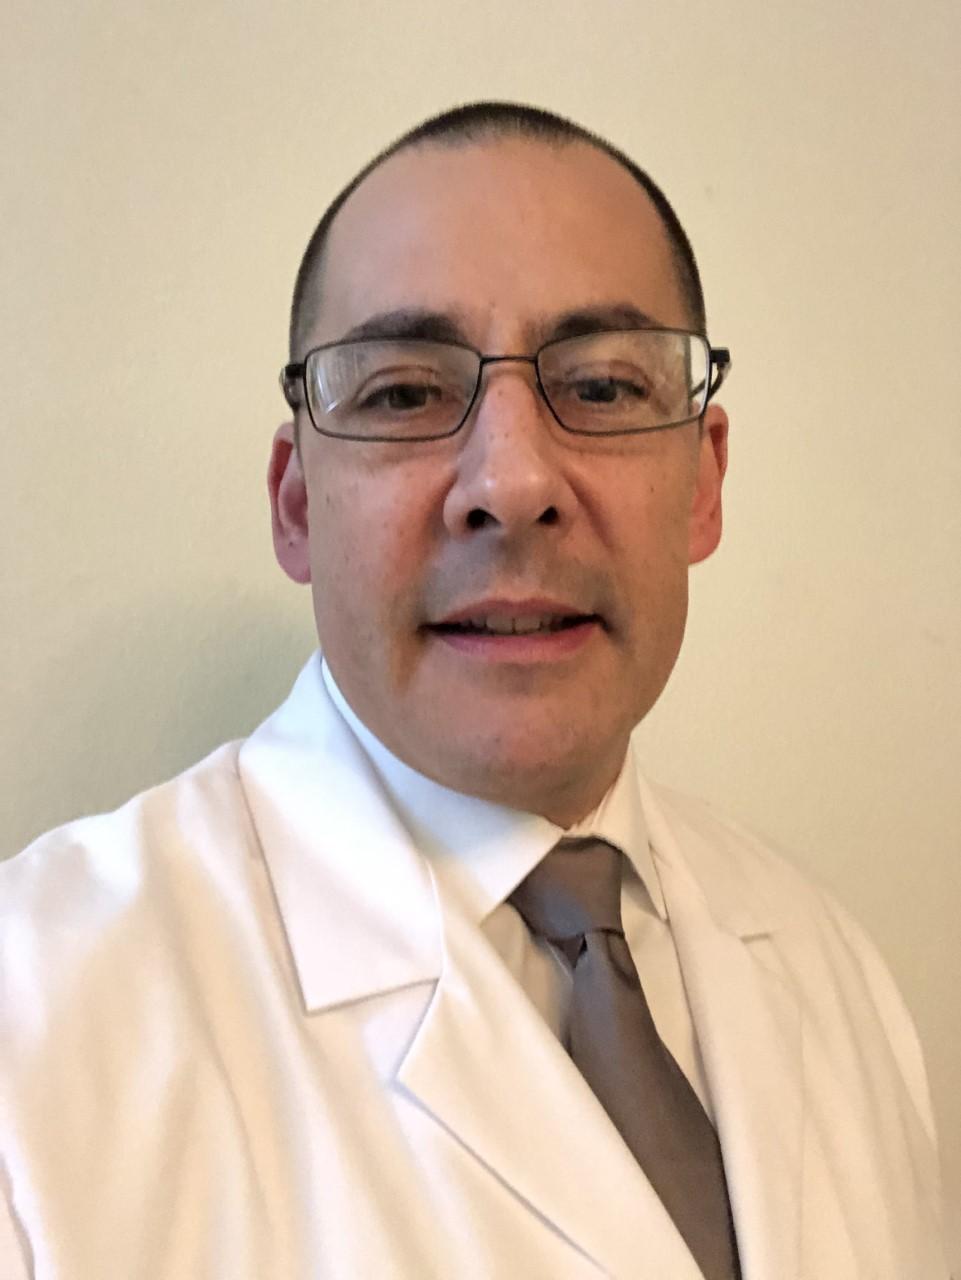 Dr. Henry Kirsch